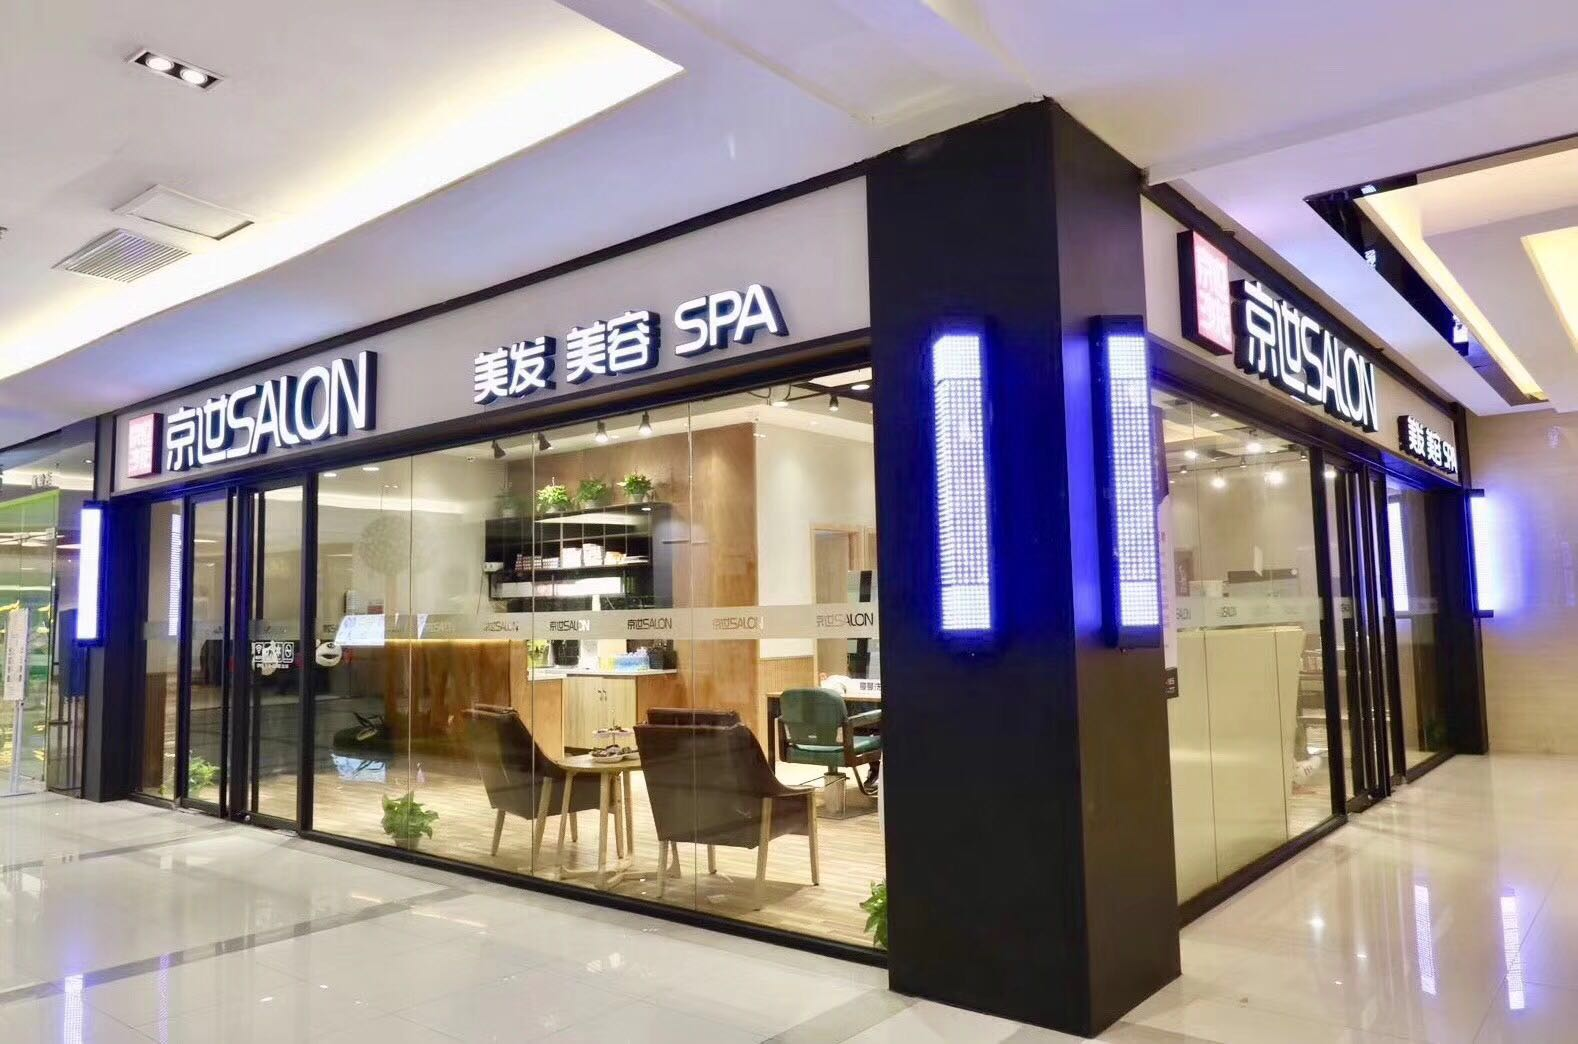 京世沙龙(SM广场店)